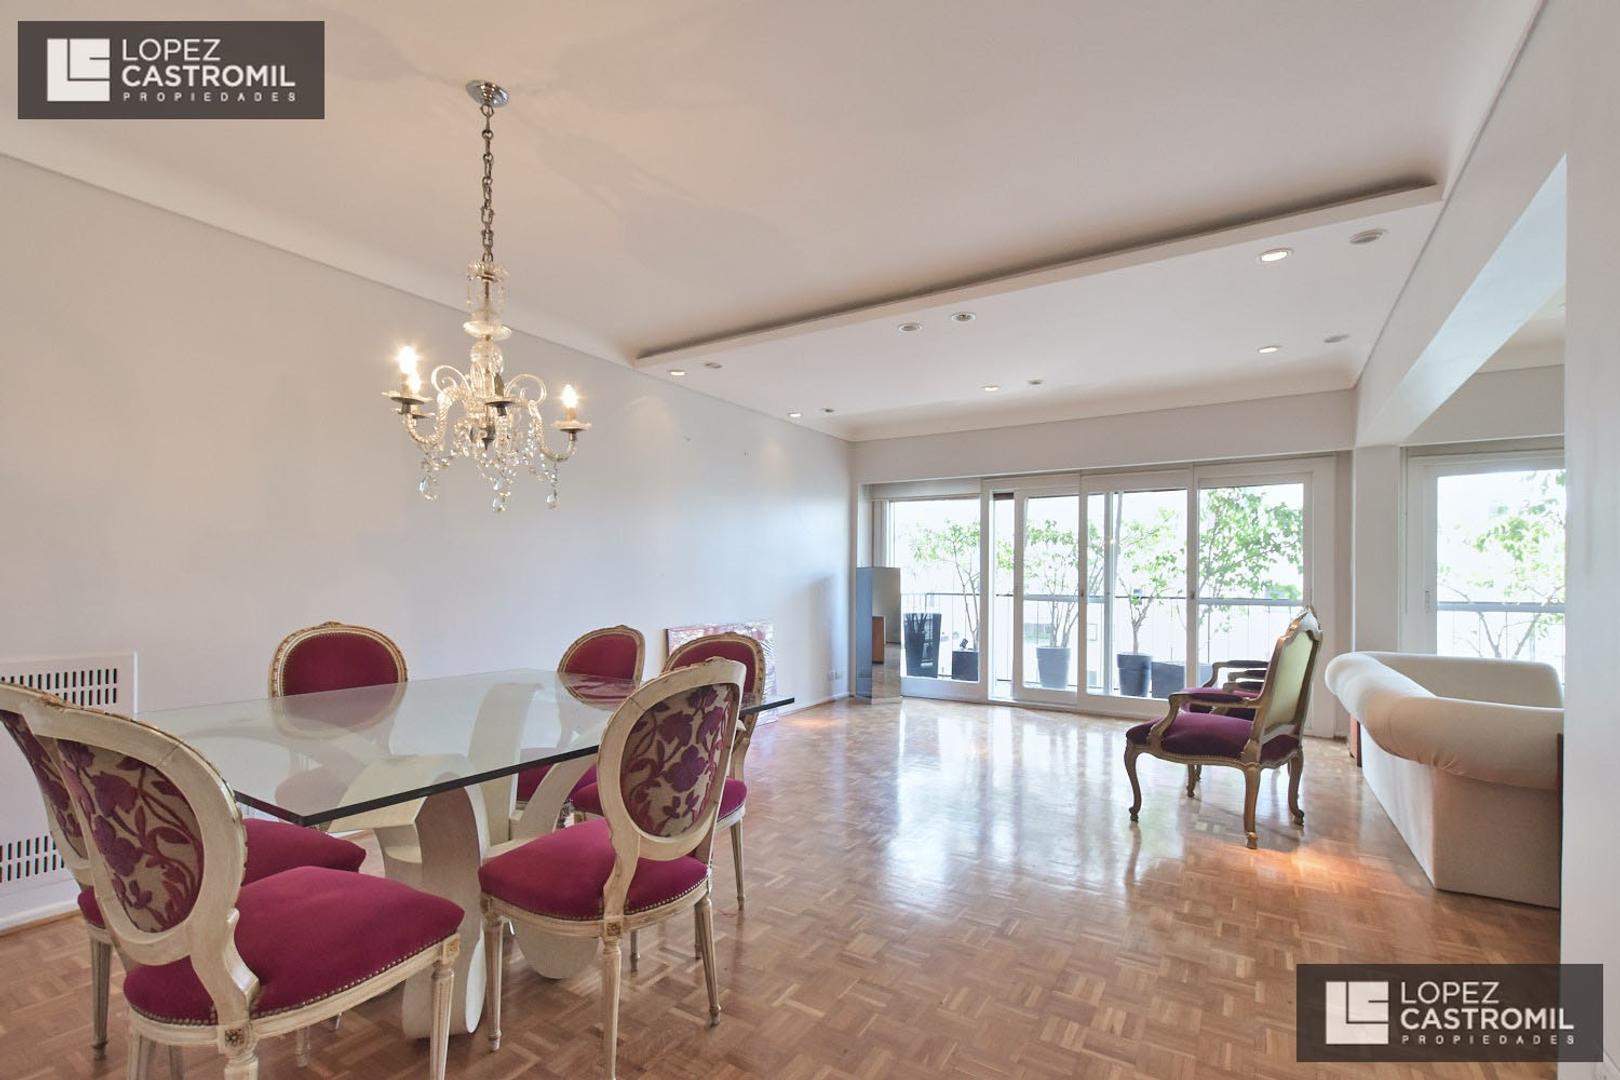 Departamento - 160 m²   2 dormitorios   40 años